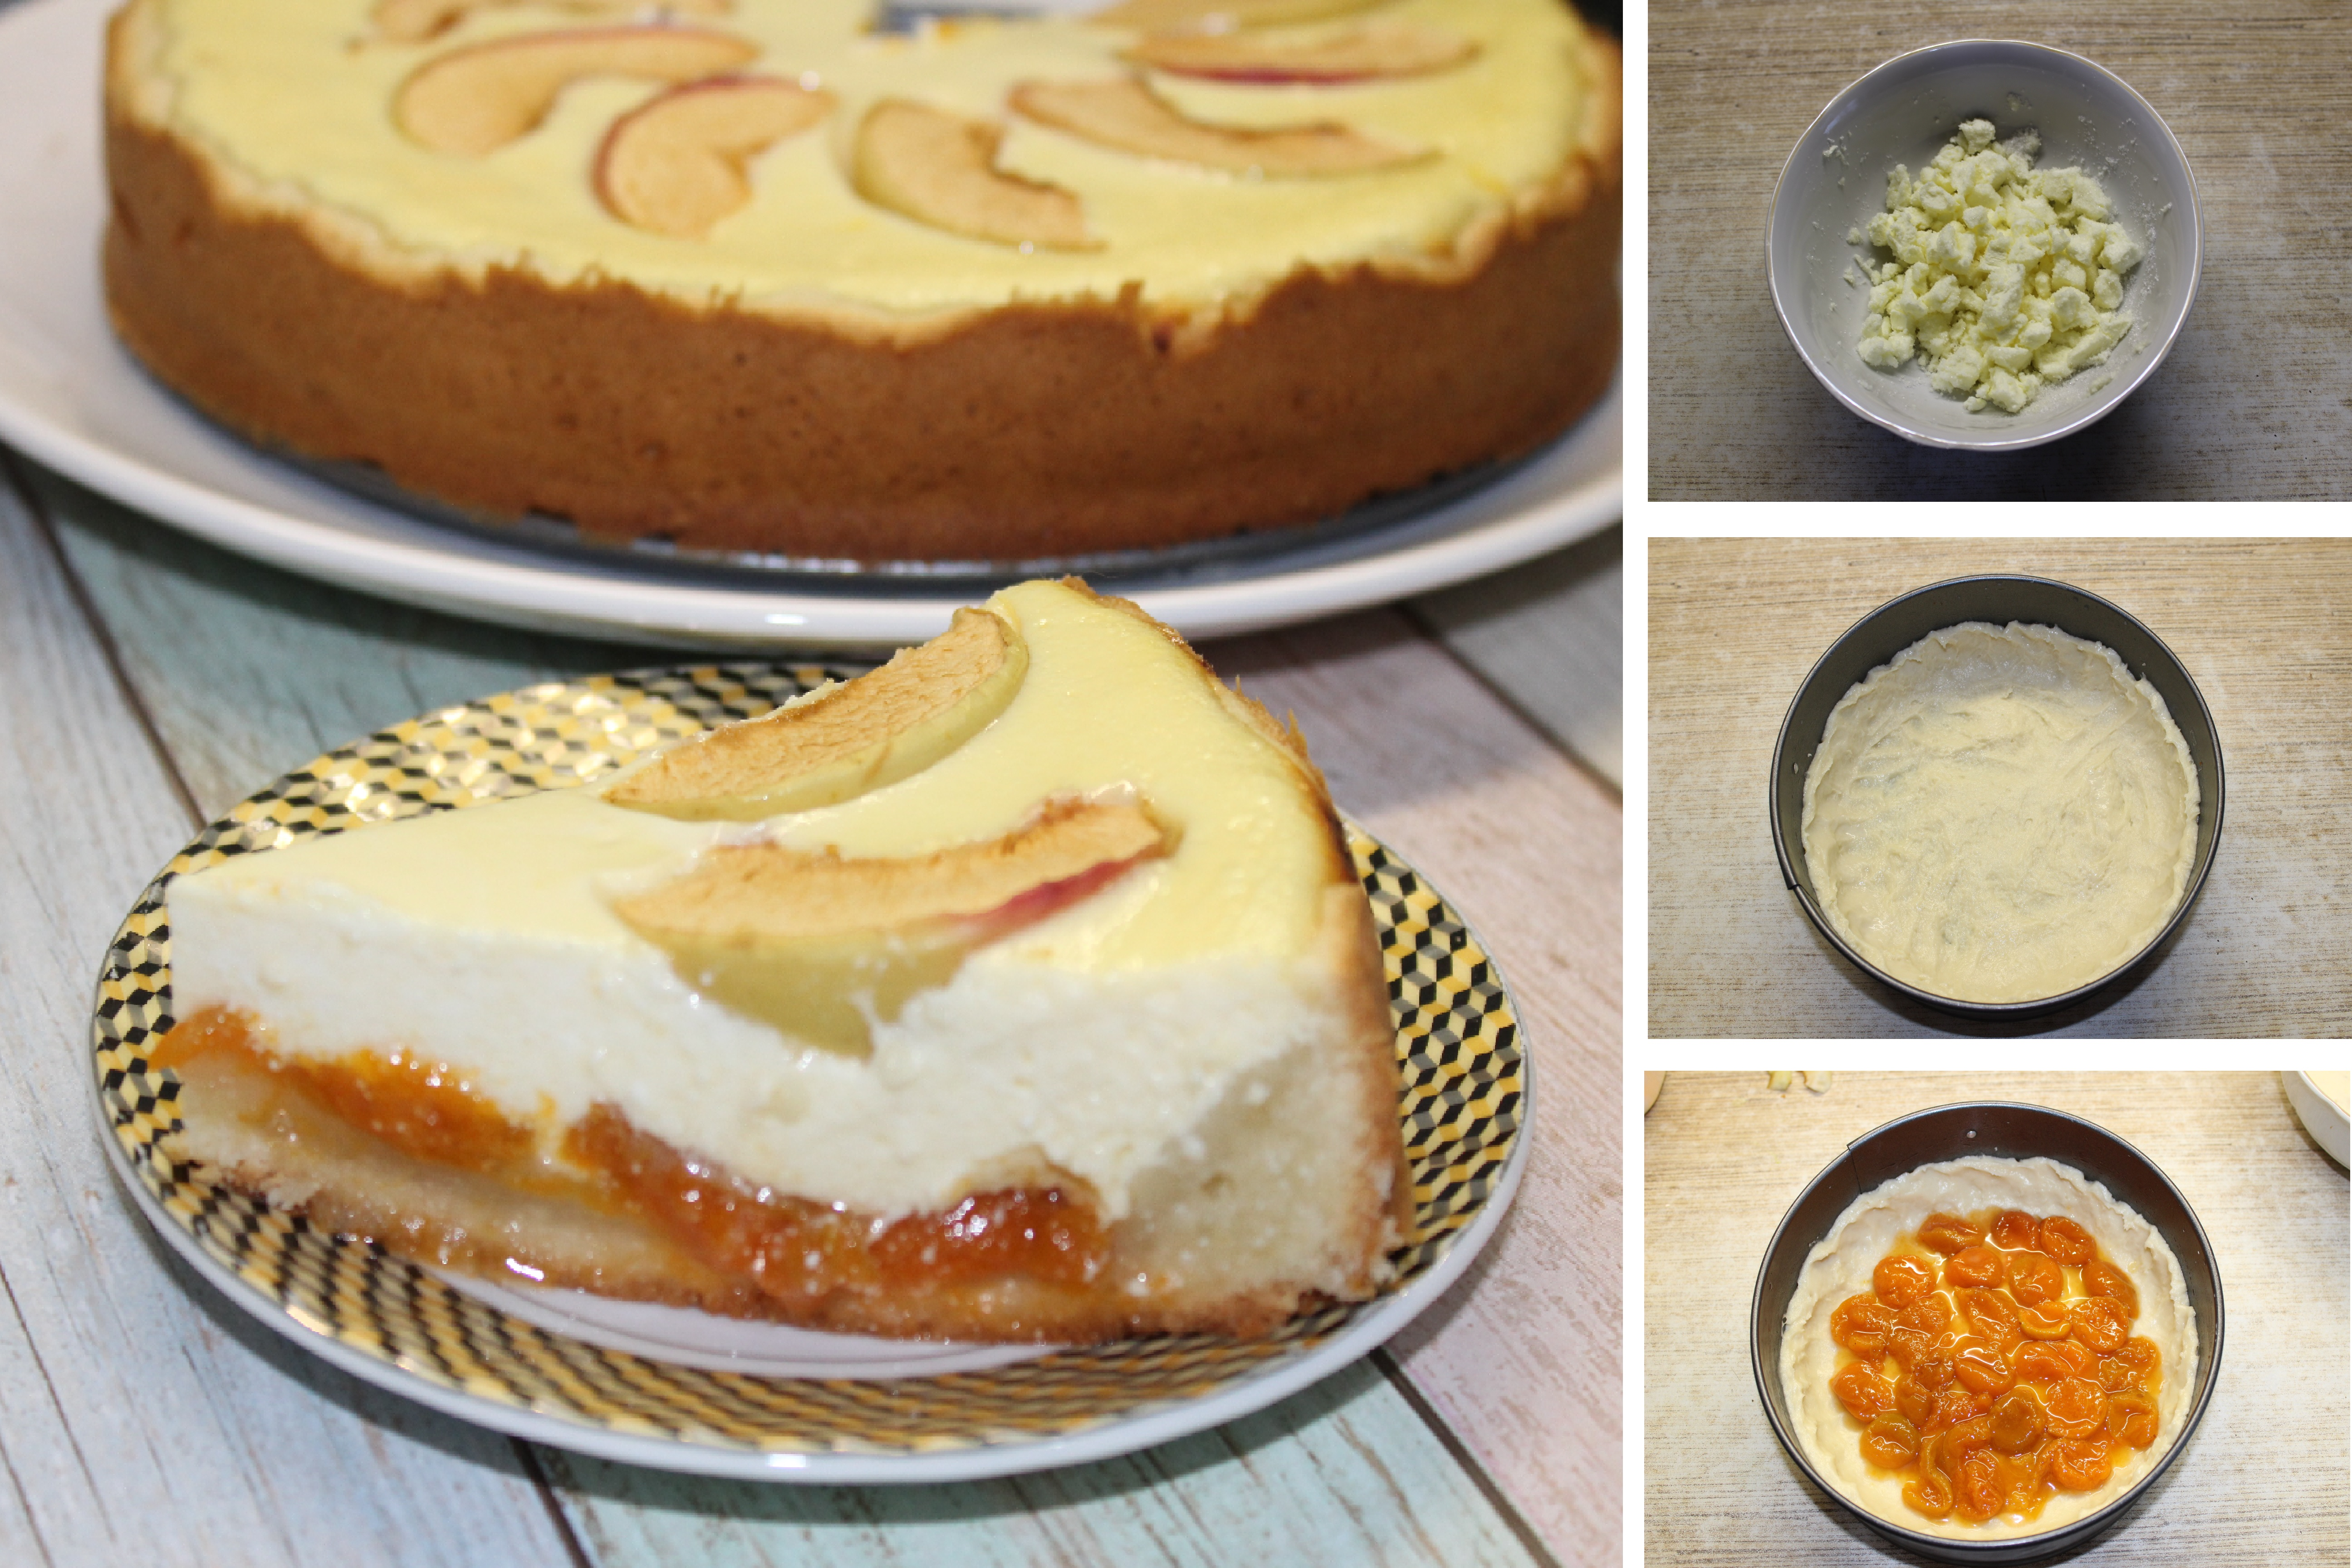 Творожный пирог с яблоками - серьезный конкурент цветаевскому: пошаговый фото рецепт